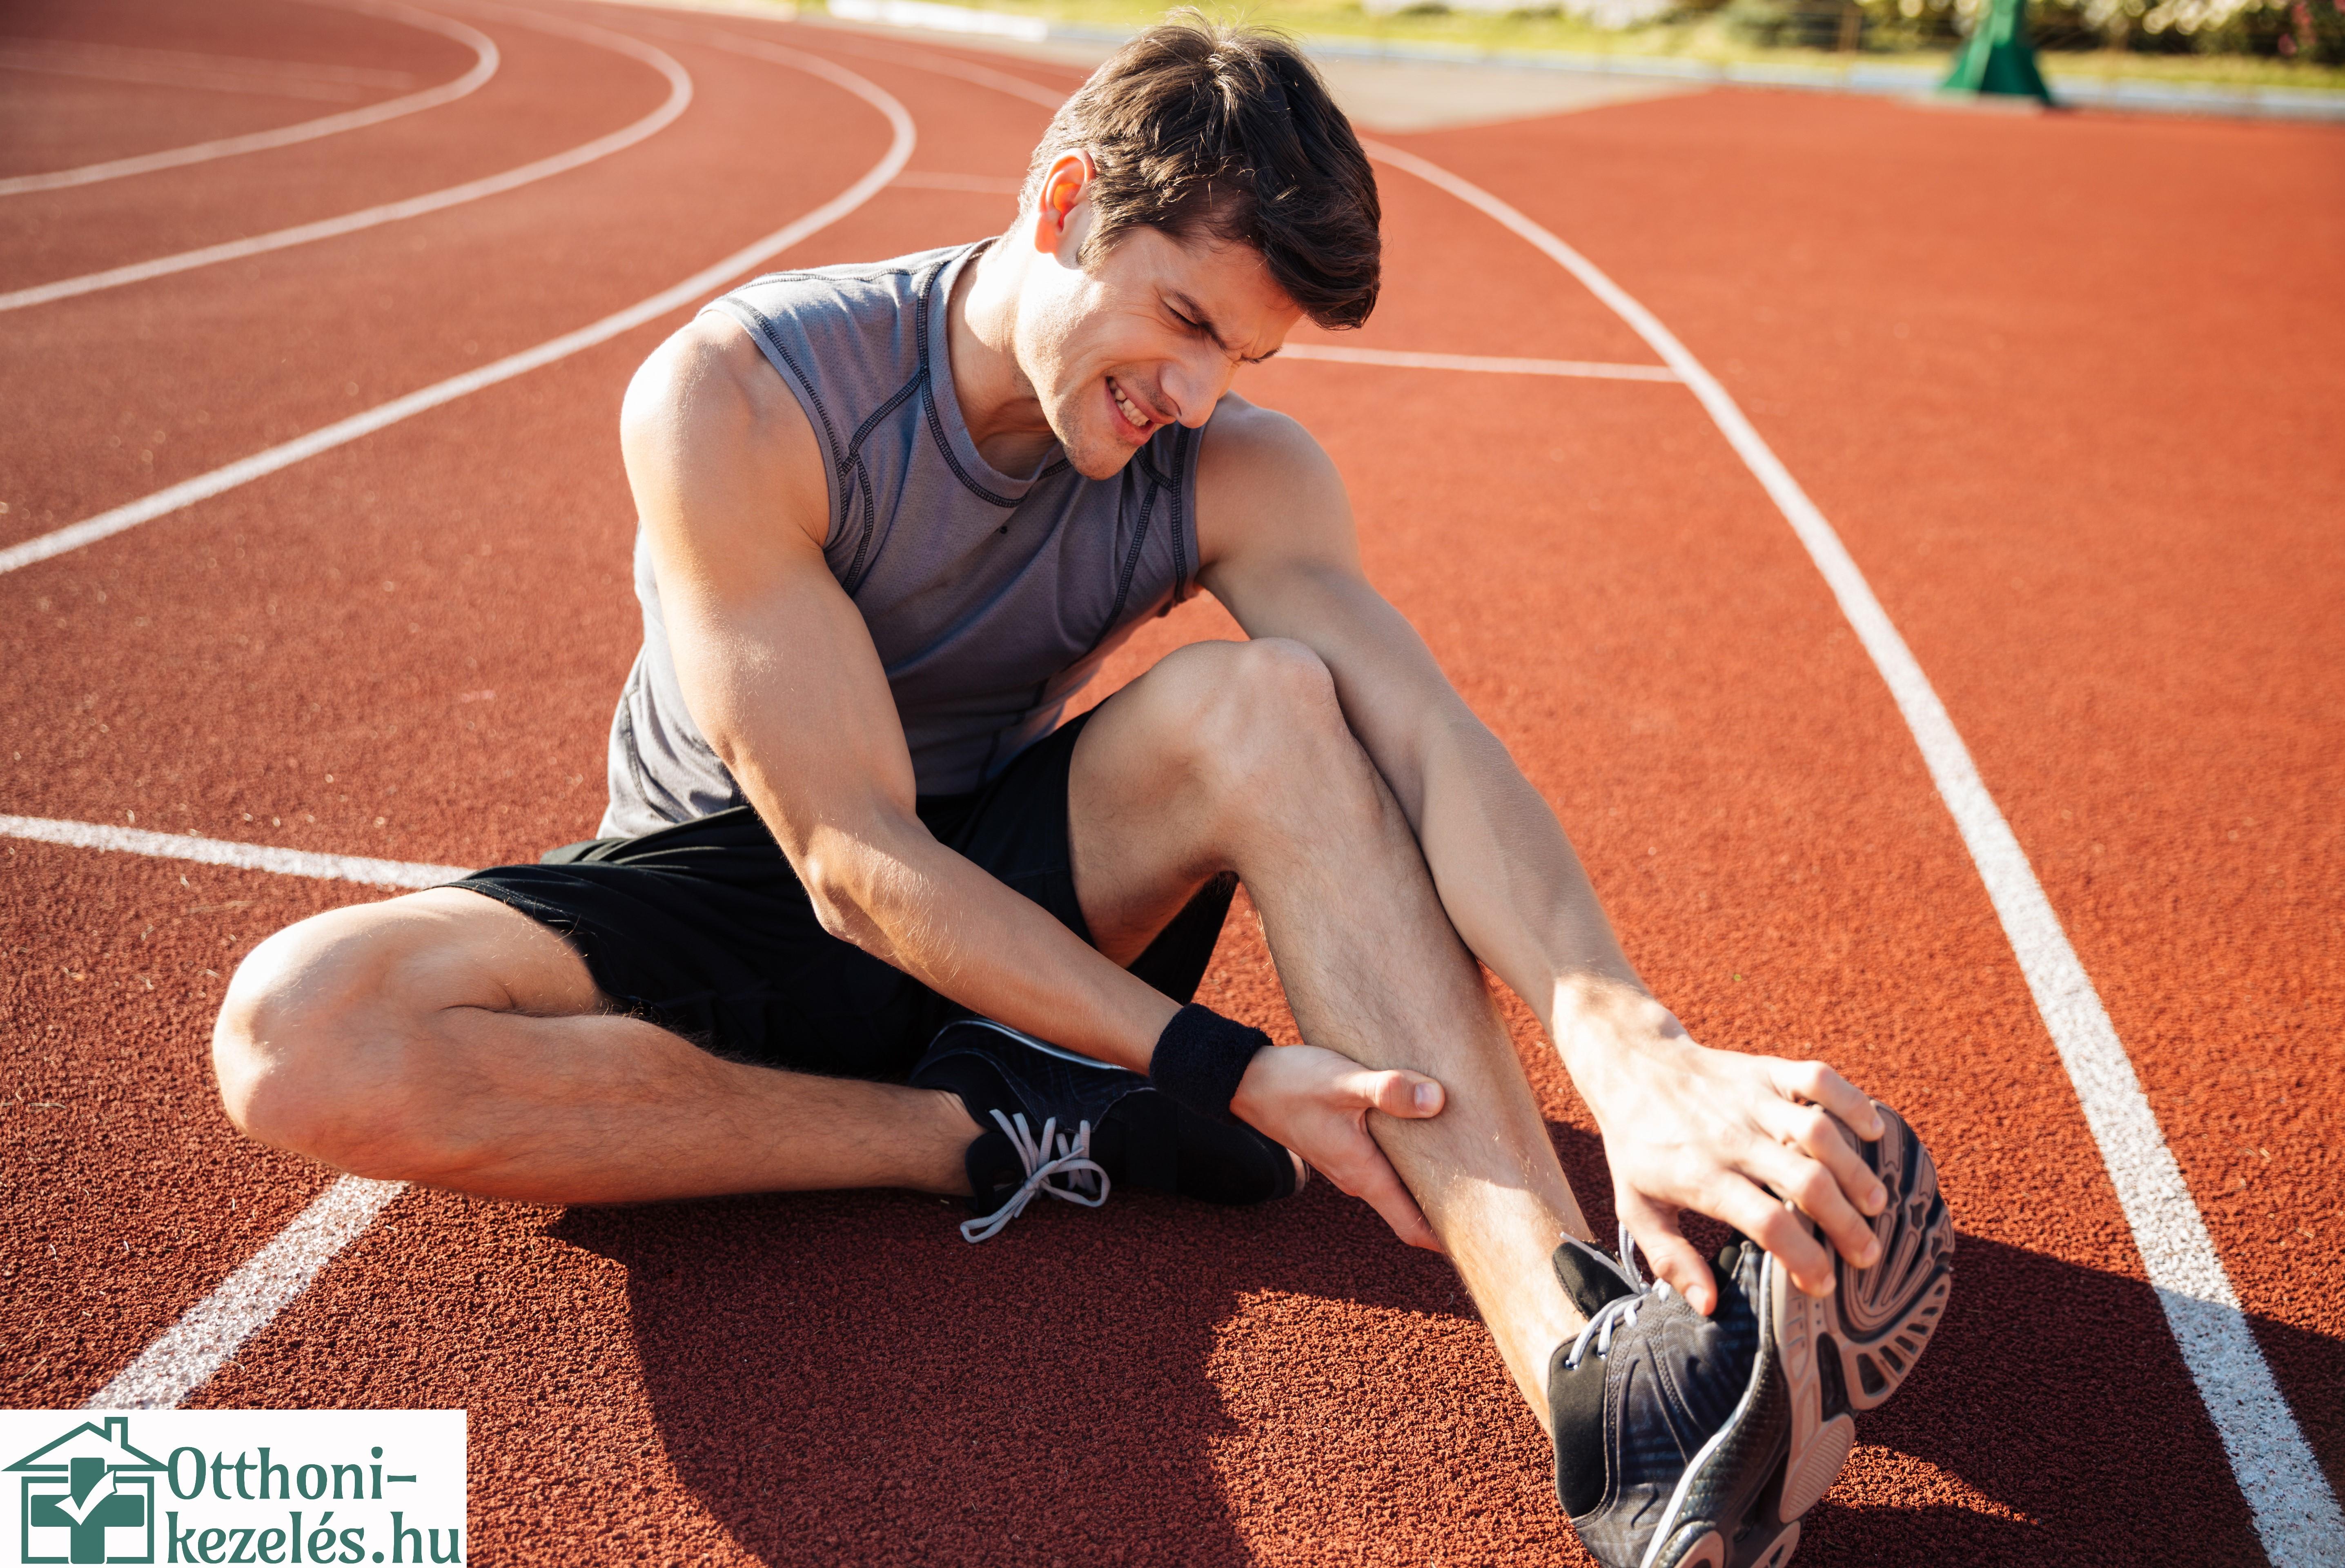 💊 Törött lábujjkezelés, gyógyulási idő, tünetek és képek -